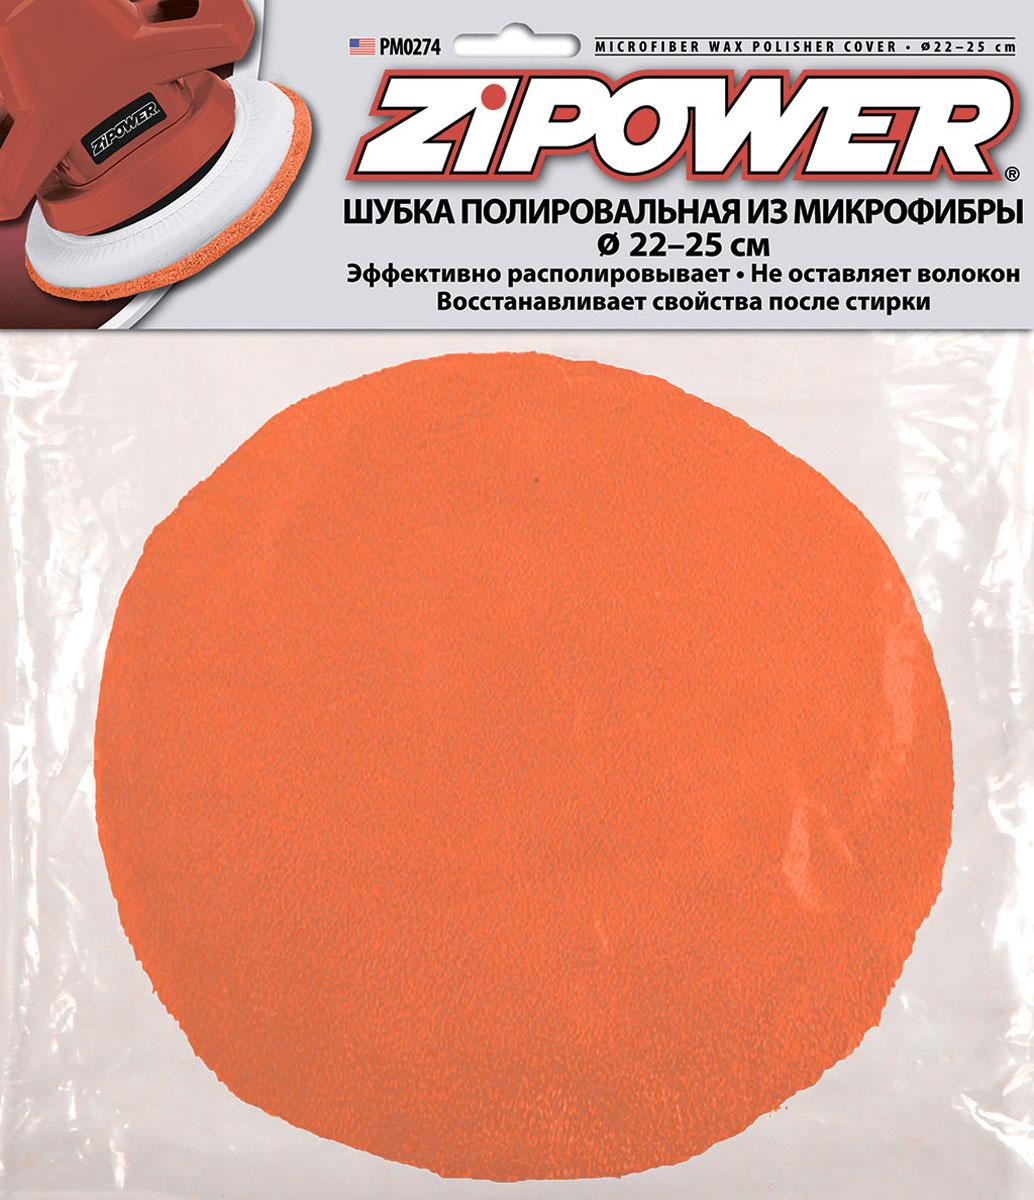 Шубка полировальная Zipower, из микрофибры, диаметр 22-25 смPM 0274Уникальная сверхмягкая, устойчивая к истиранию шубка Zipower из синтетических микроволокон предназначена для нанесения и обработки полиролями лакокрасочного покрытия автомобиля с помощью полировальной машины. Идеальный вариант для выполнения работ качественно, быстро и без особых усилий. Шубка позволяет эффективно располировать состав на поверхности. За счет структуры микроволокна изделие отличается прочностью и долговечностью. После стирки она полностью восстанавливает свои свойства и внешний вид. Не оставляет волокон. Диаметр шубки: 22-25 см.